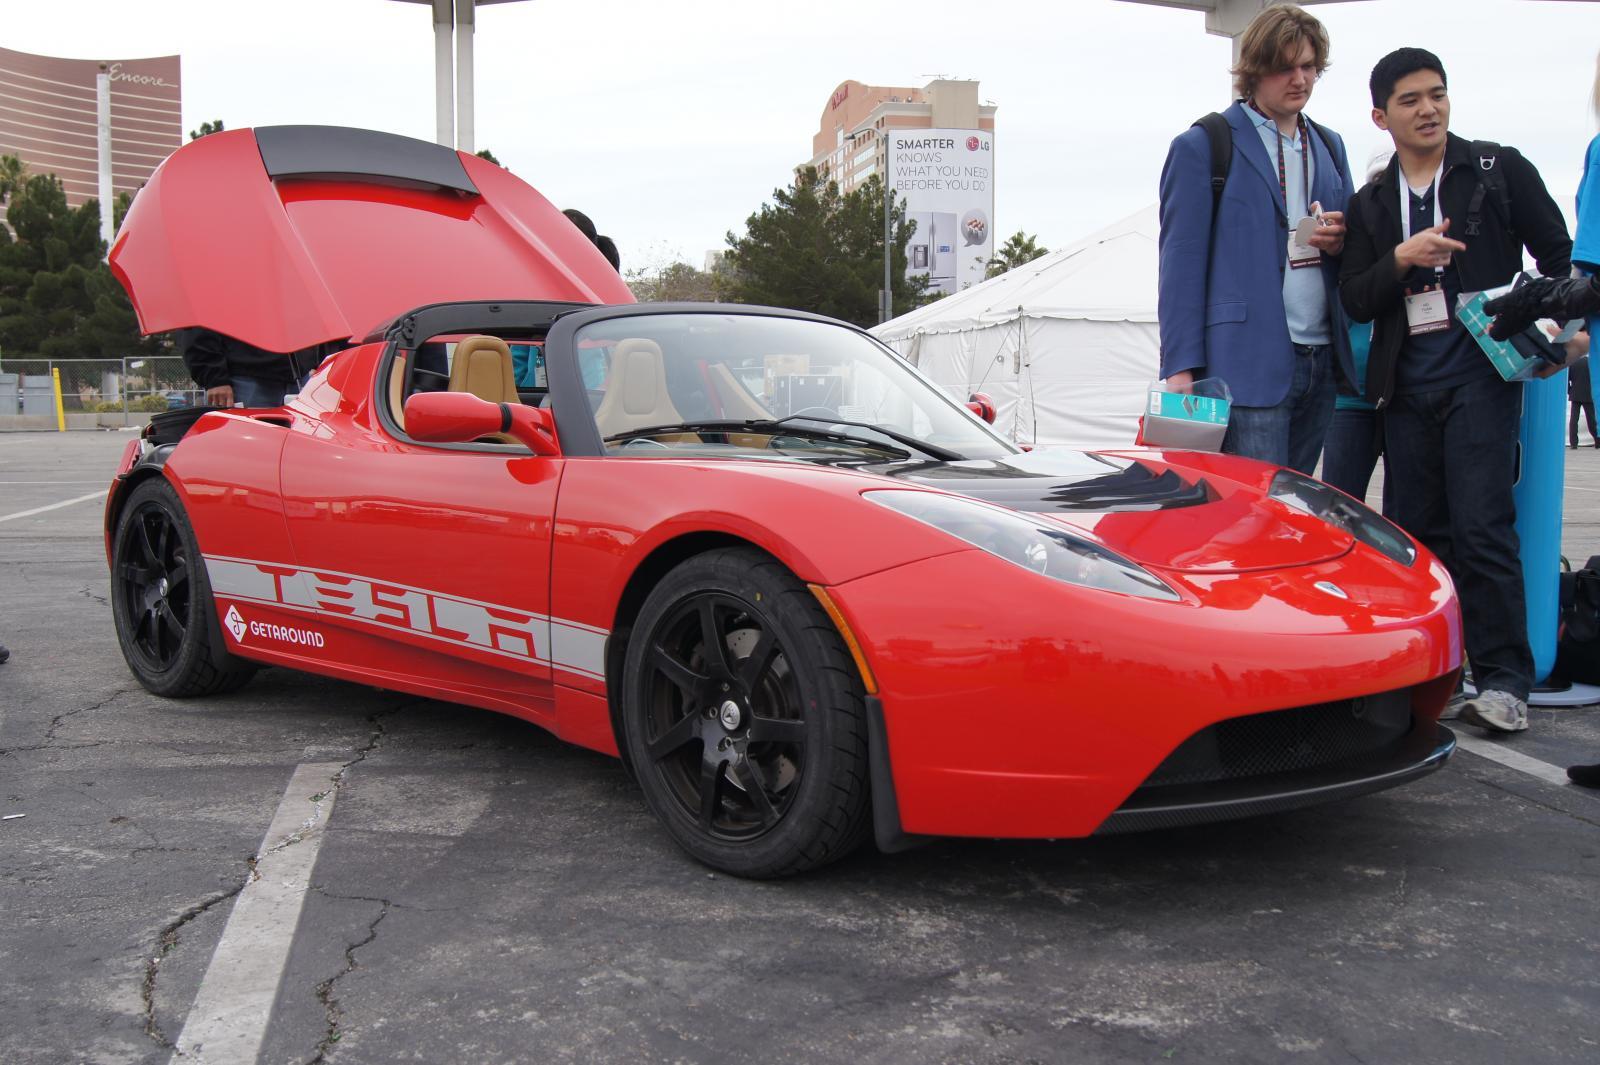 GetAround's Tesla Roadster